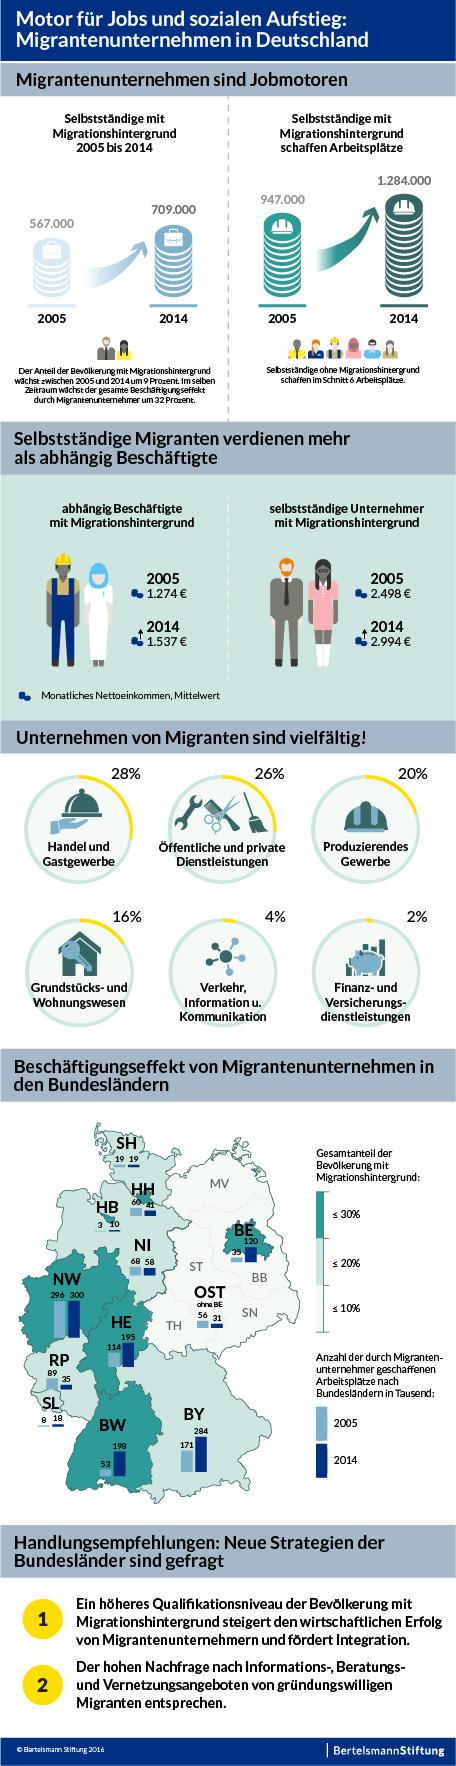 migrantenunternehmen sind jobmotor f r deutschland. Black Bedroom Furniture Sets. Home Design Ideas